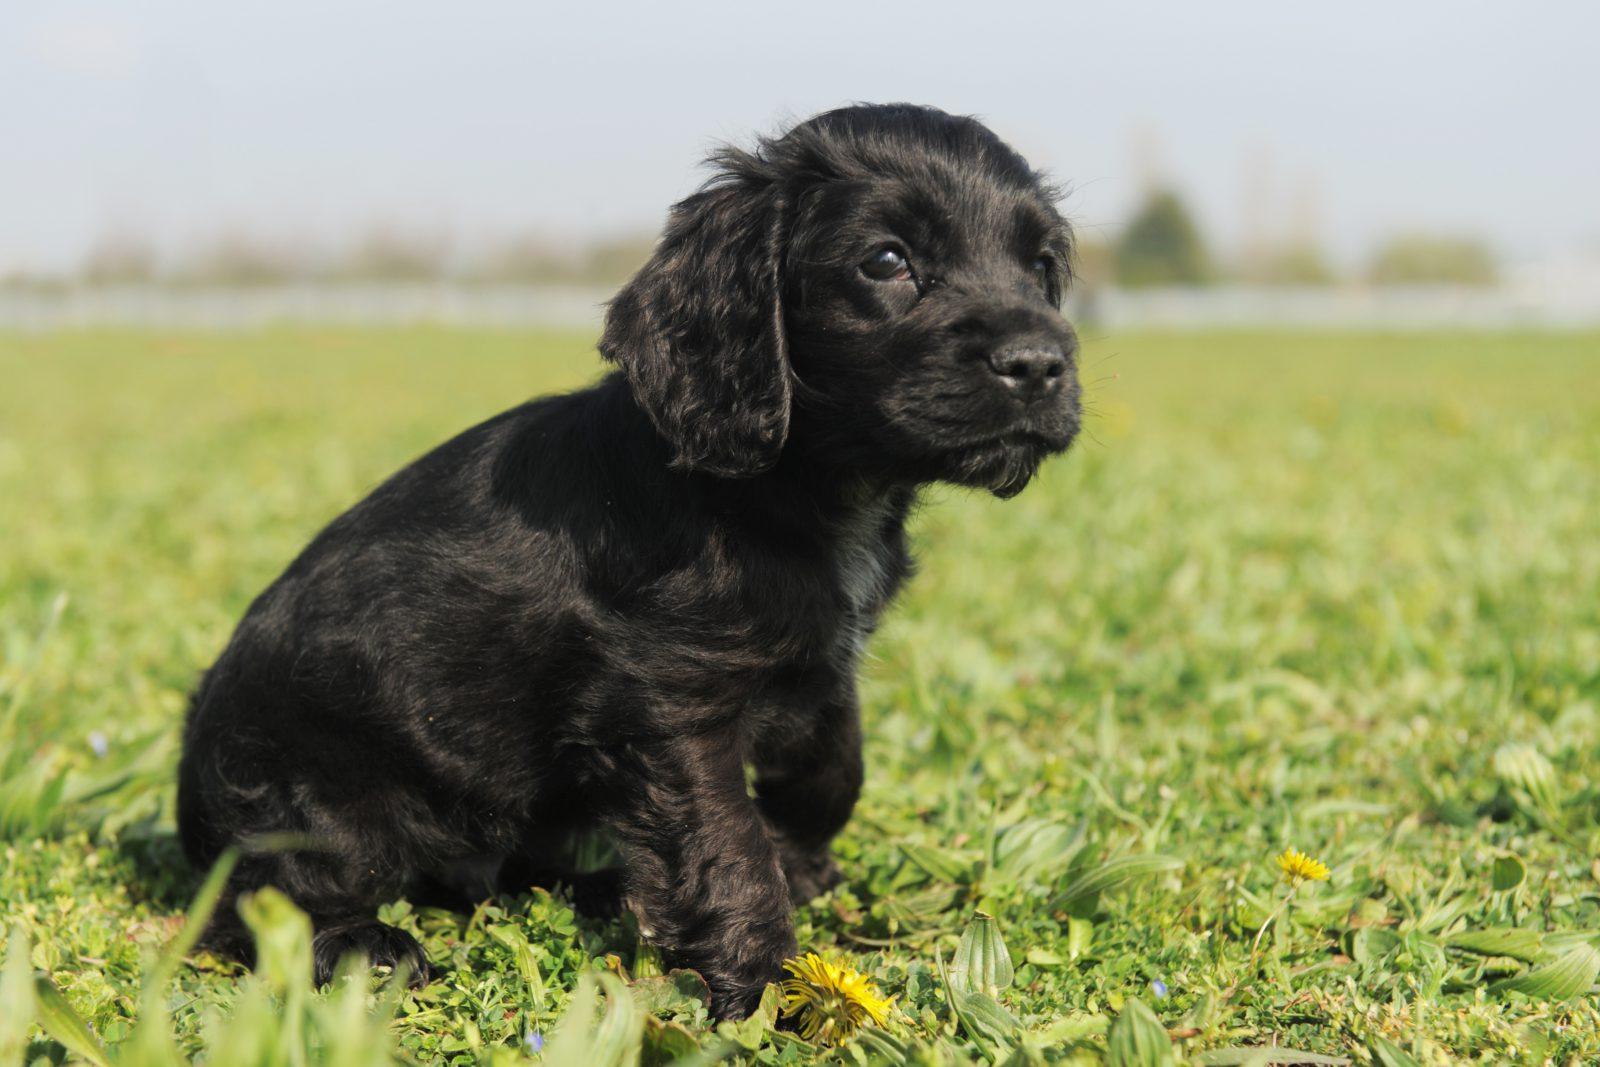 Raça de cachorro pequeno para idosos: Filhote de Cocker Spaniel inglês preto no parque.